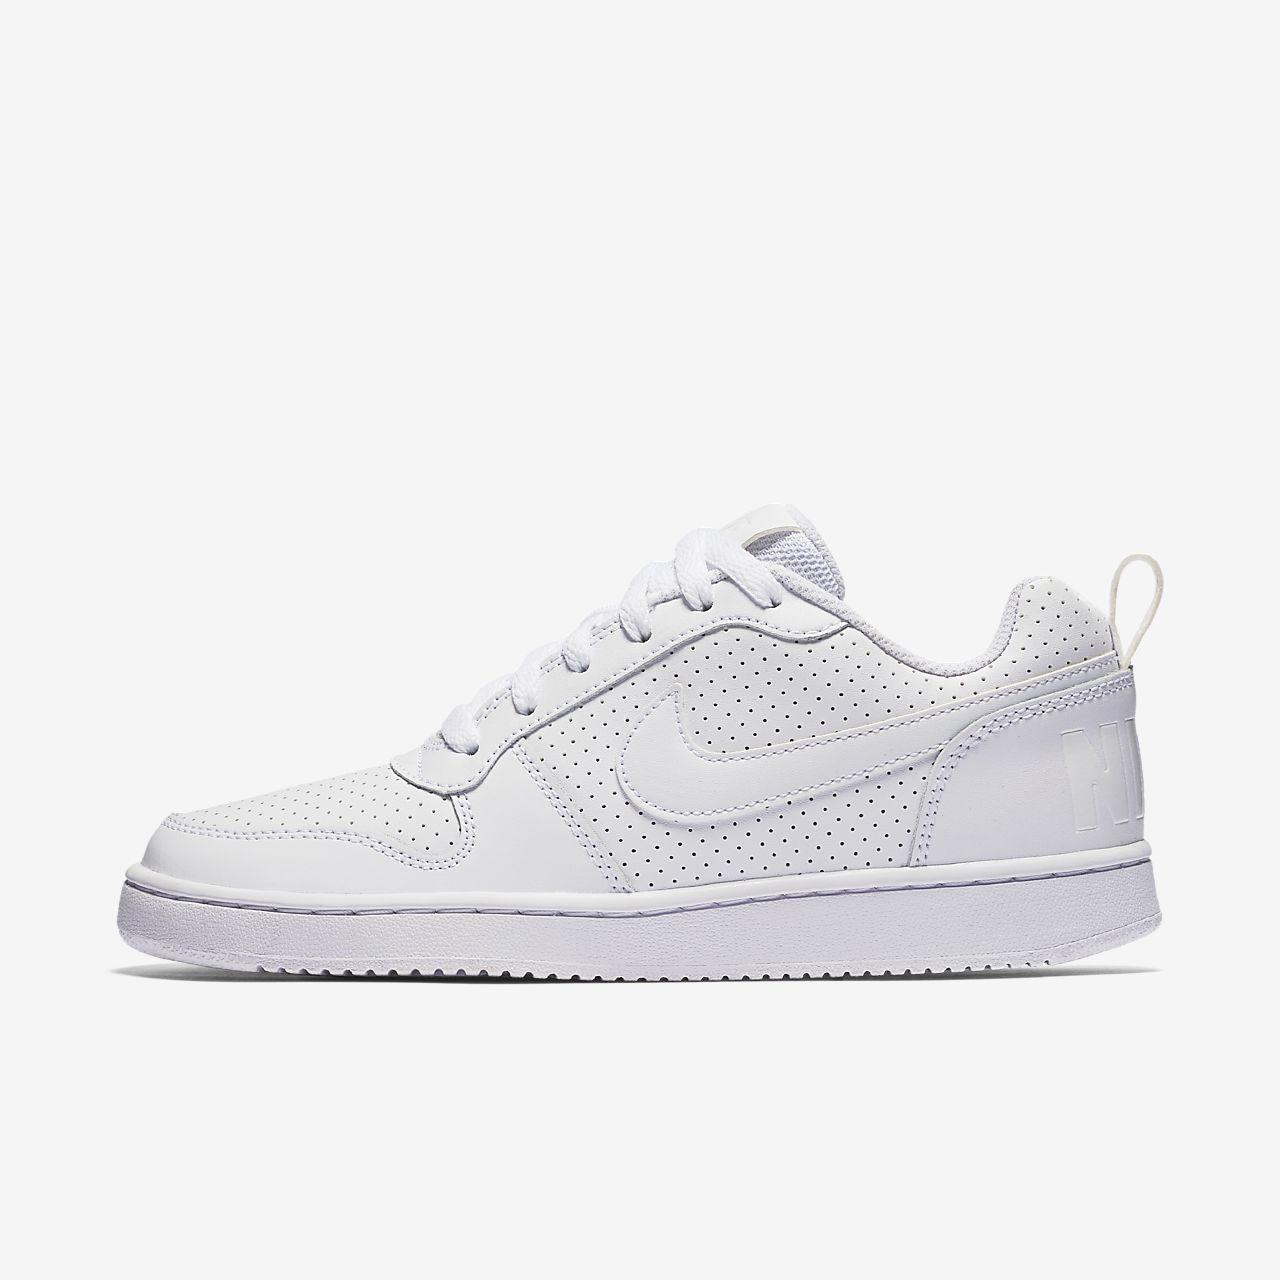 51b8cb2d390 Sapatilhas Nike Court Borough Low para mulher. Nike.com PT